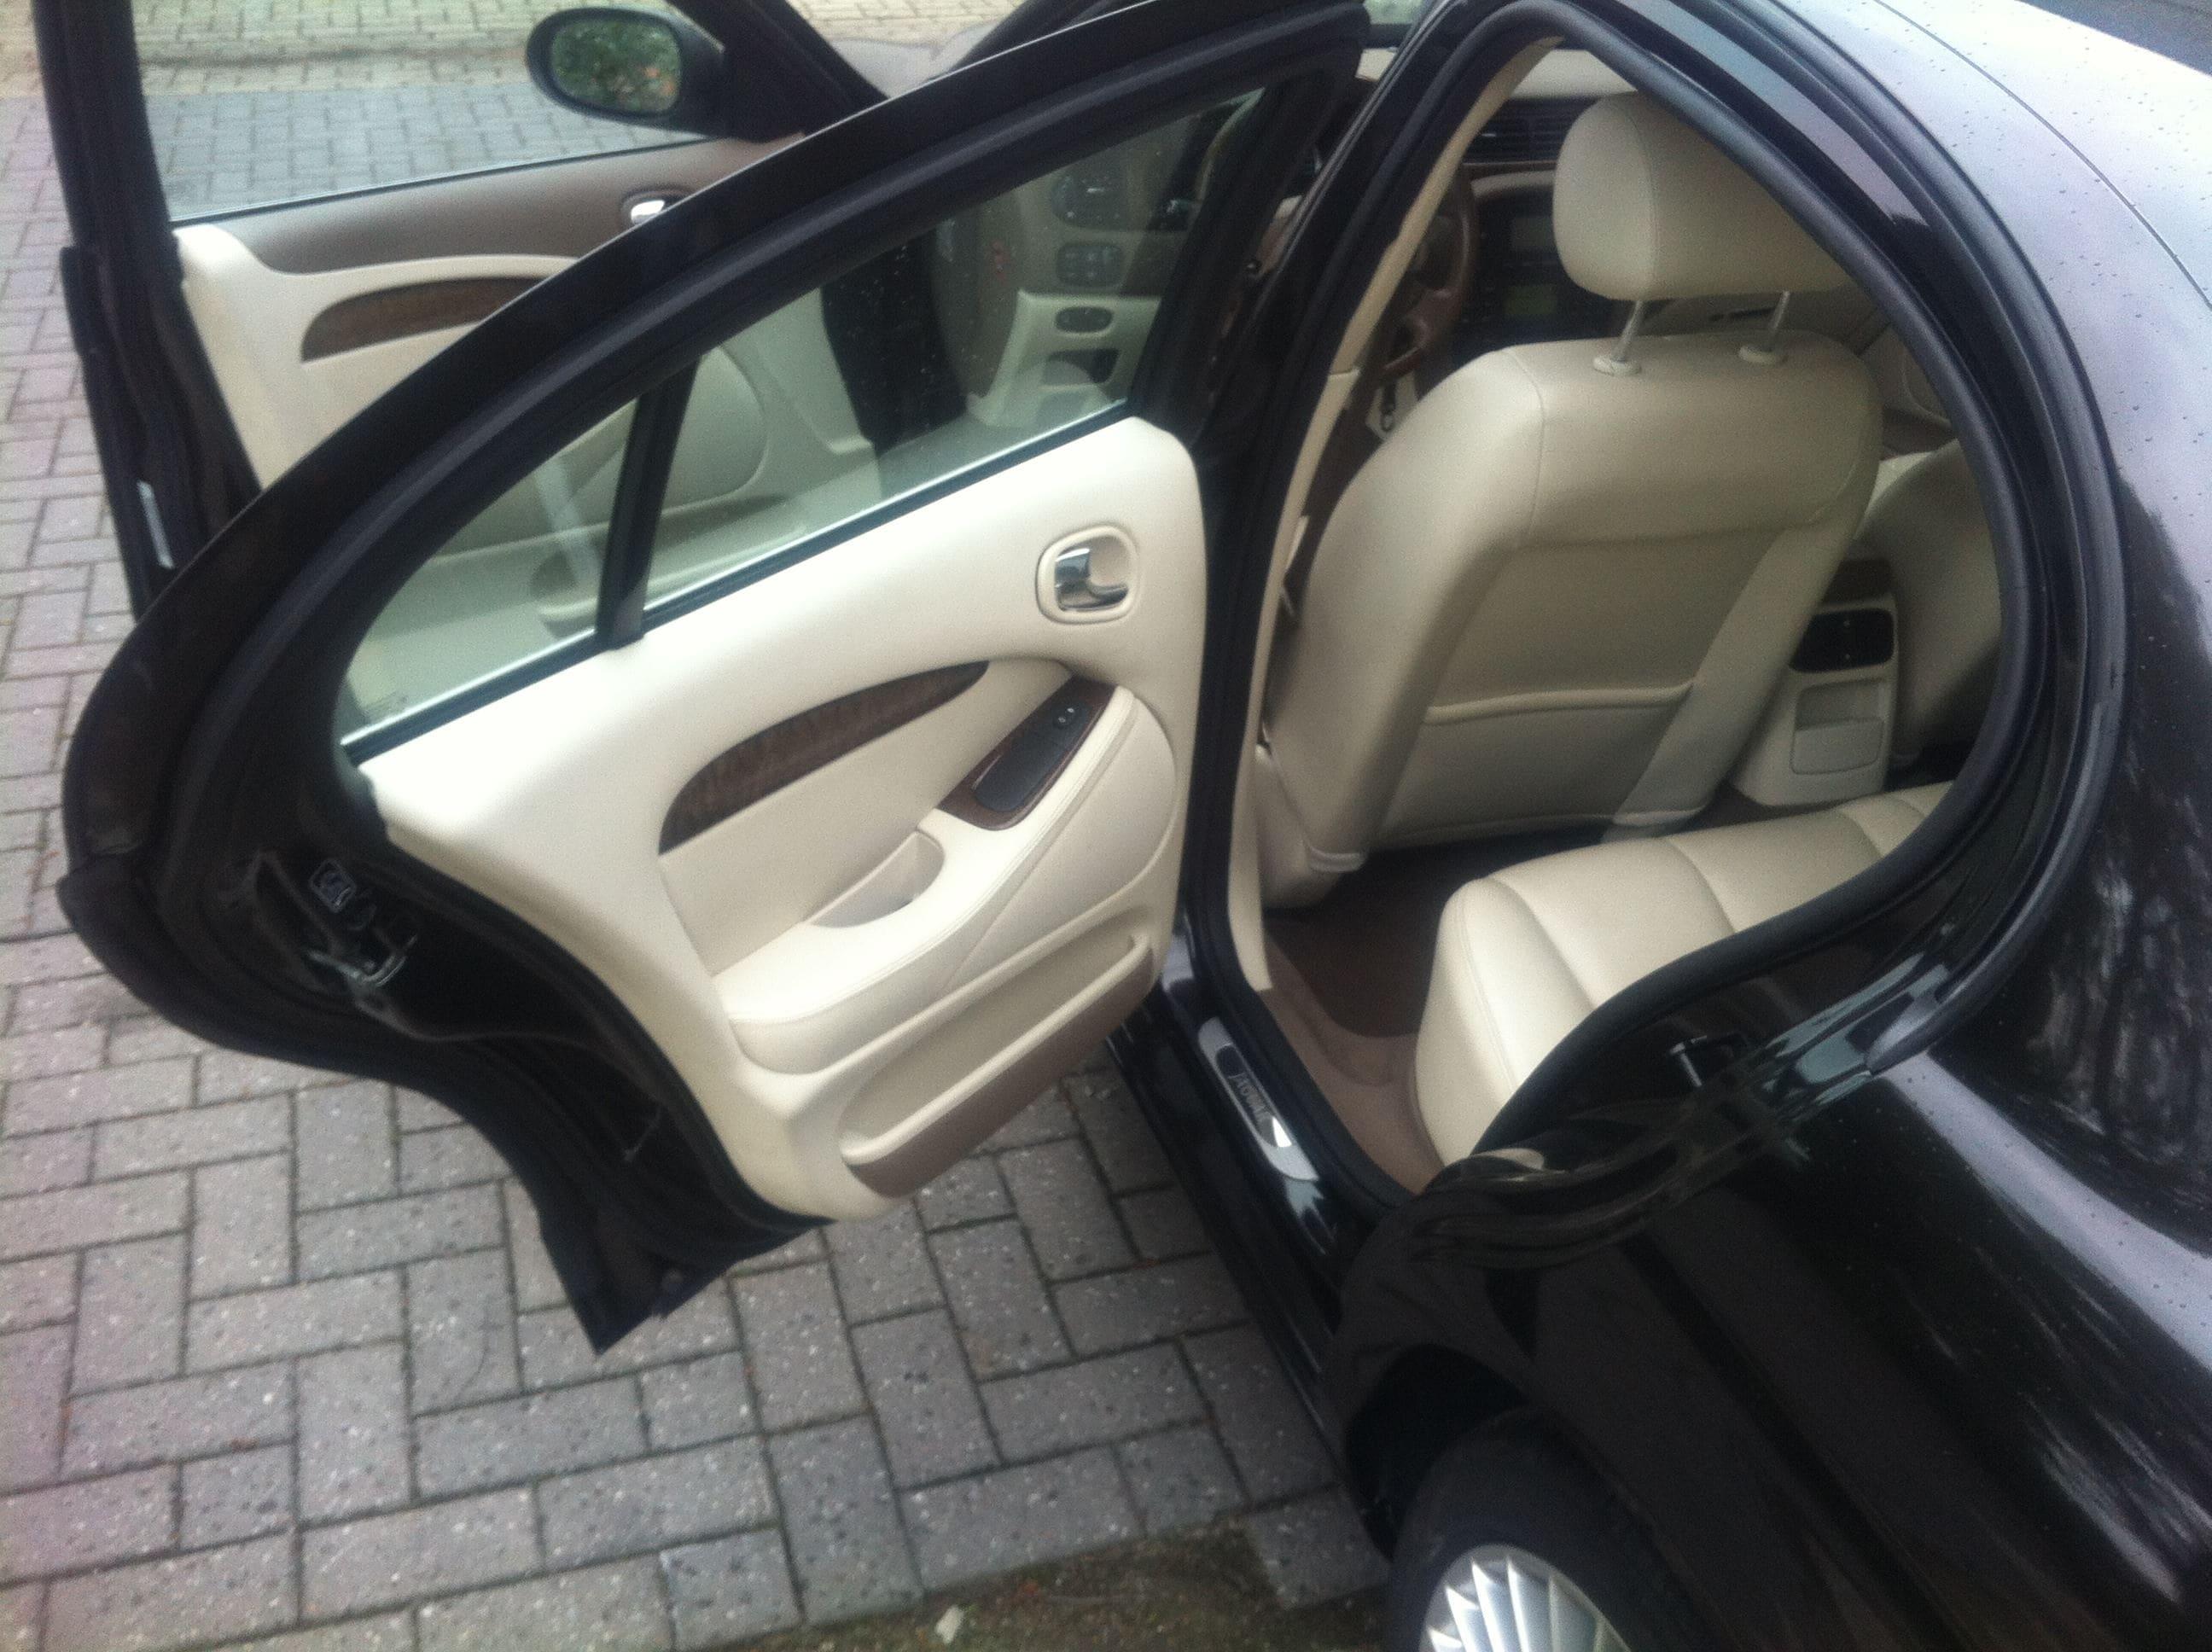 Jaguar S-type met Zwarte Metallic Wrap, Carwrapping door Wrapmyride.nu Foto-nr:5908, ©2020